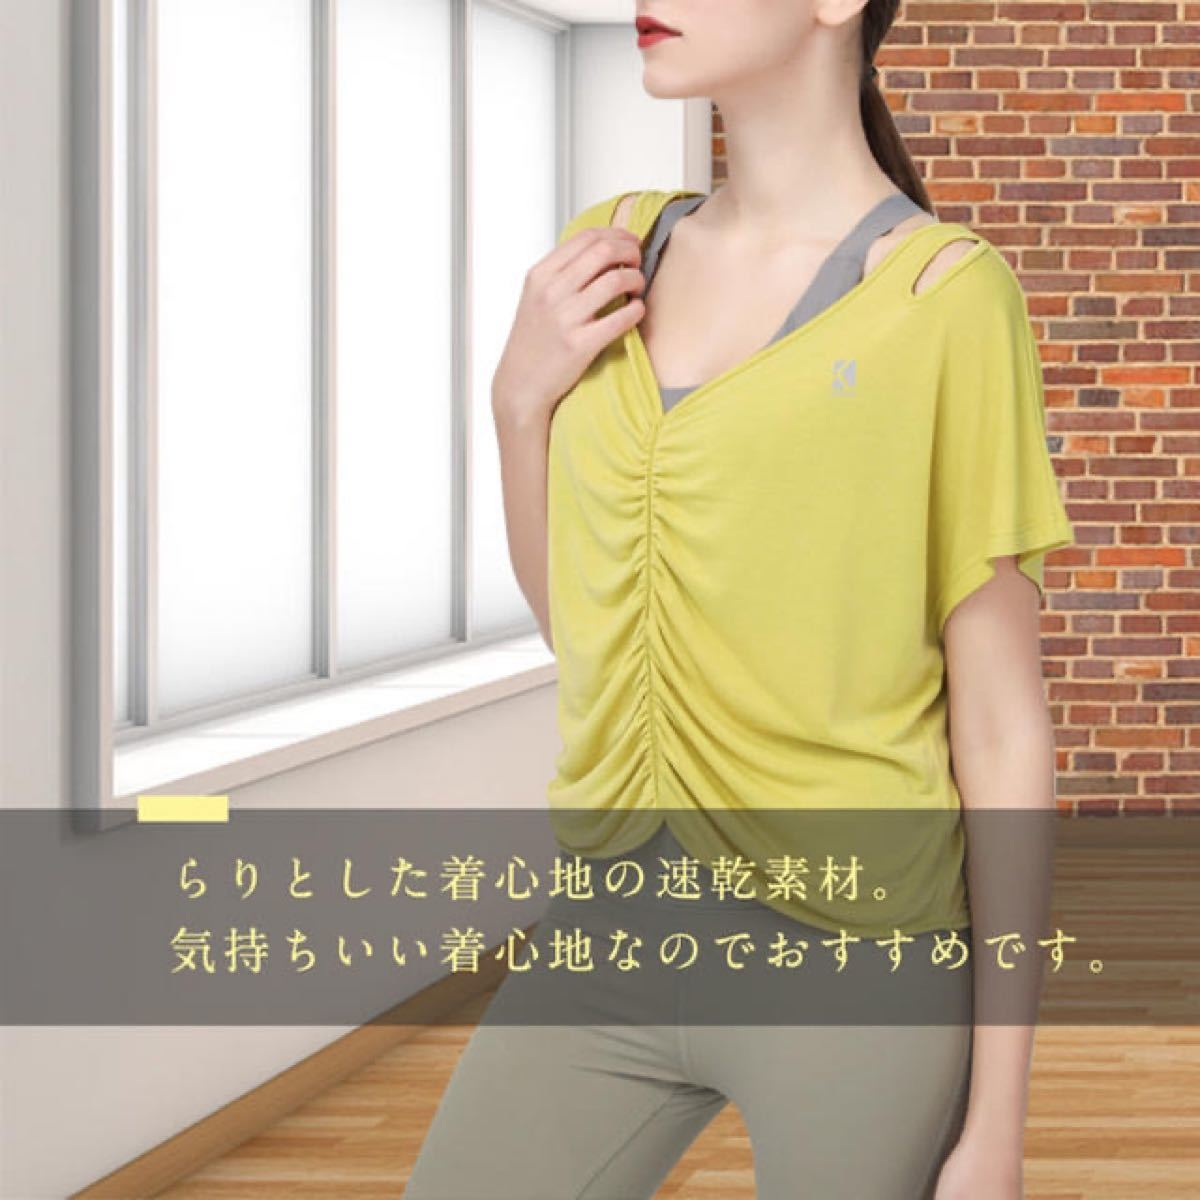 スポーツウェア tシャツ 半袖 ヨガウェア トレーニング服 運動服